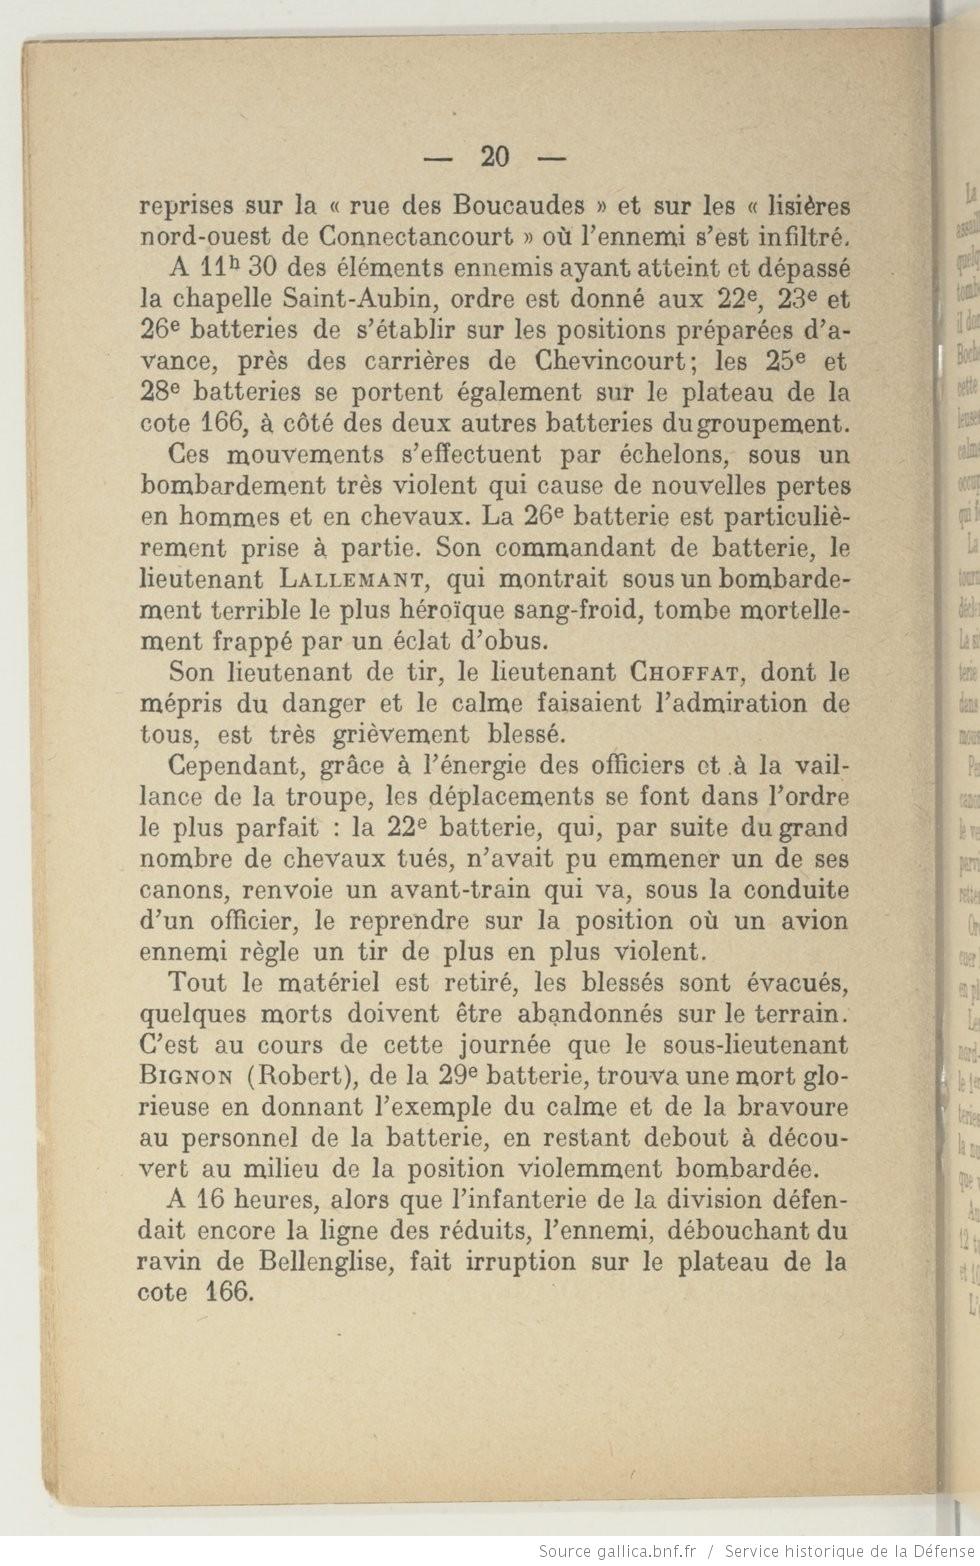 Historique du 243e regiment d artillerie bpt6k6227229k 4